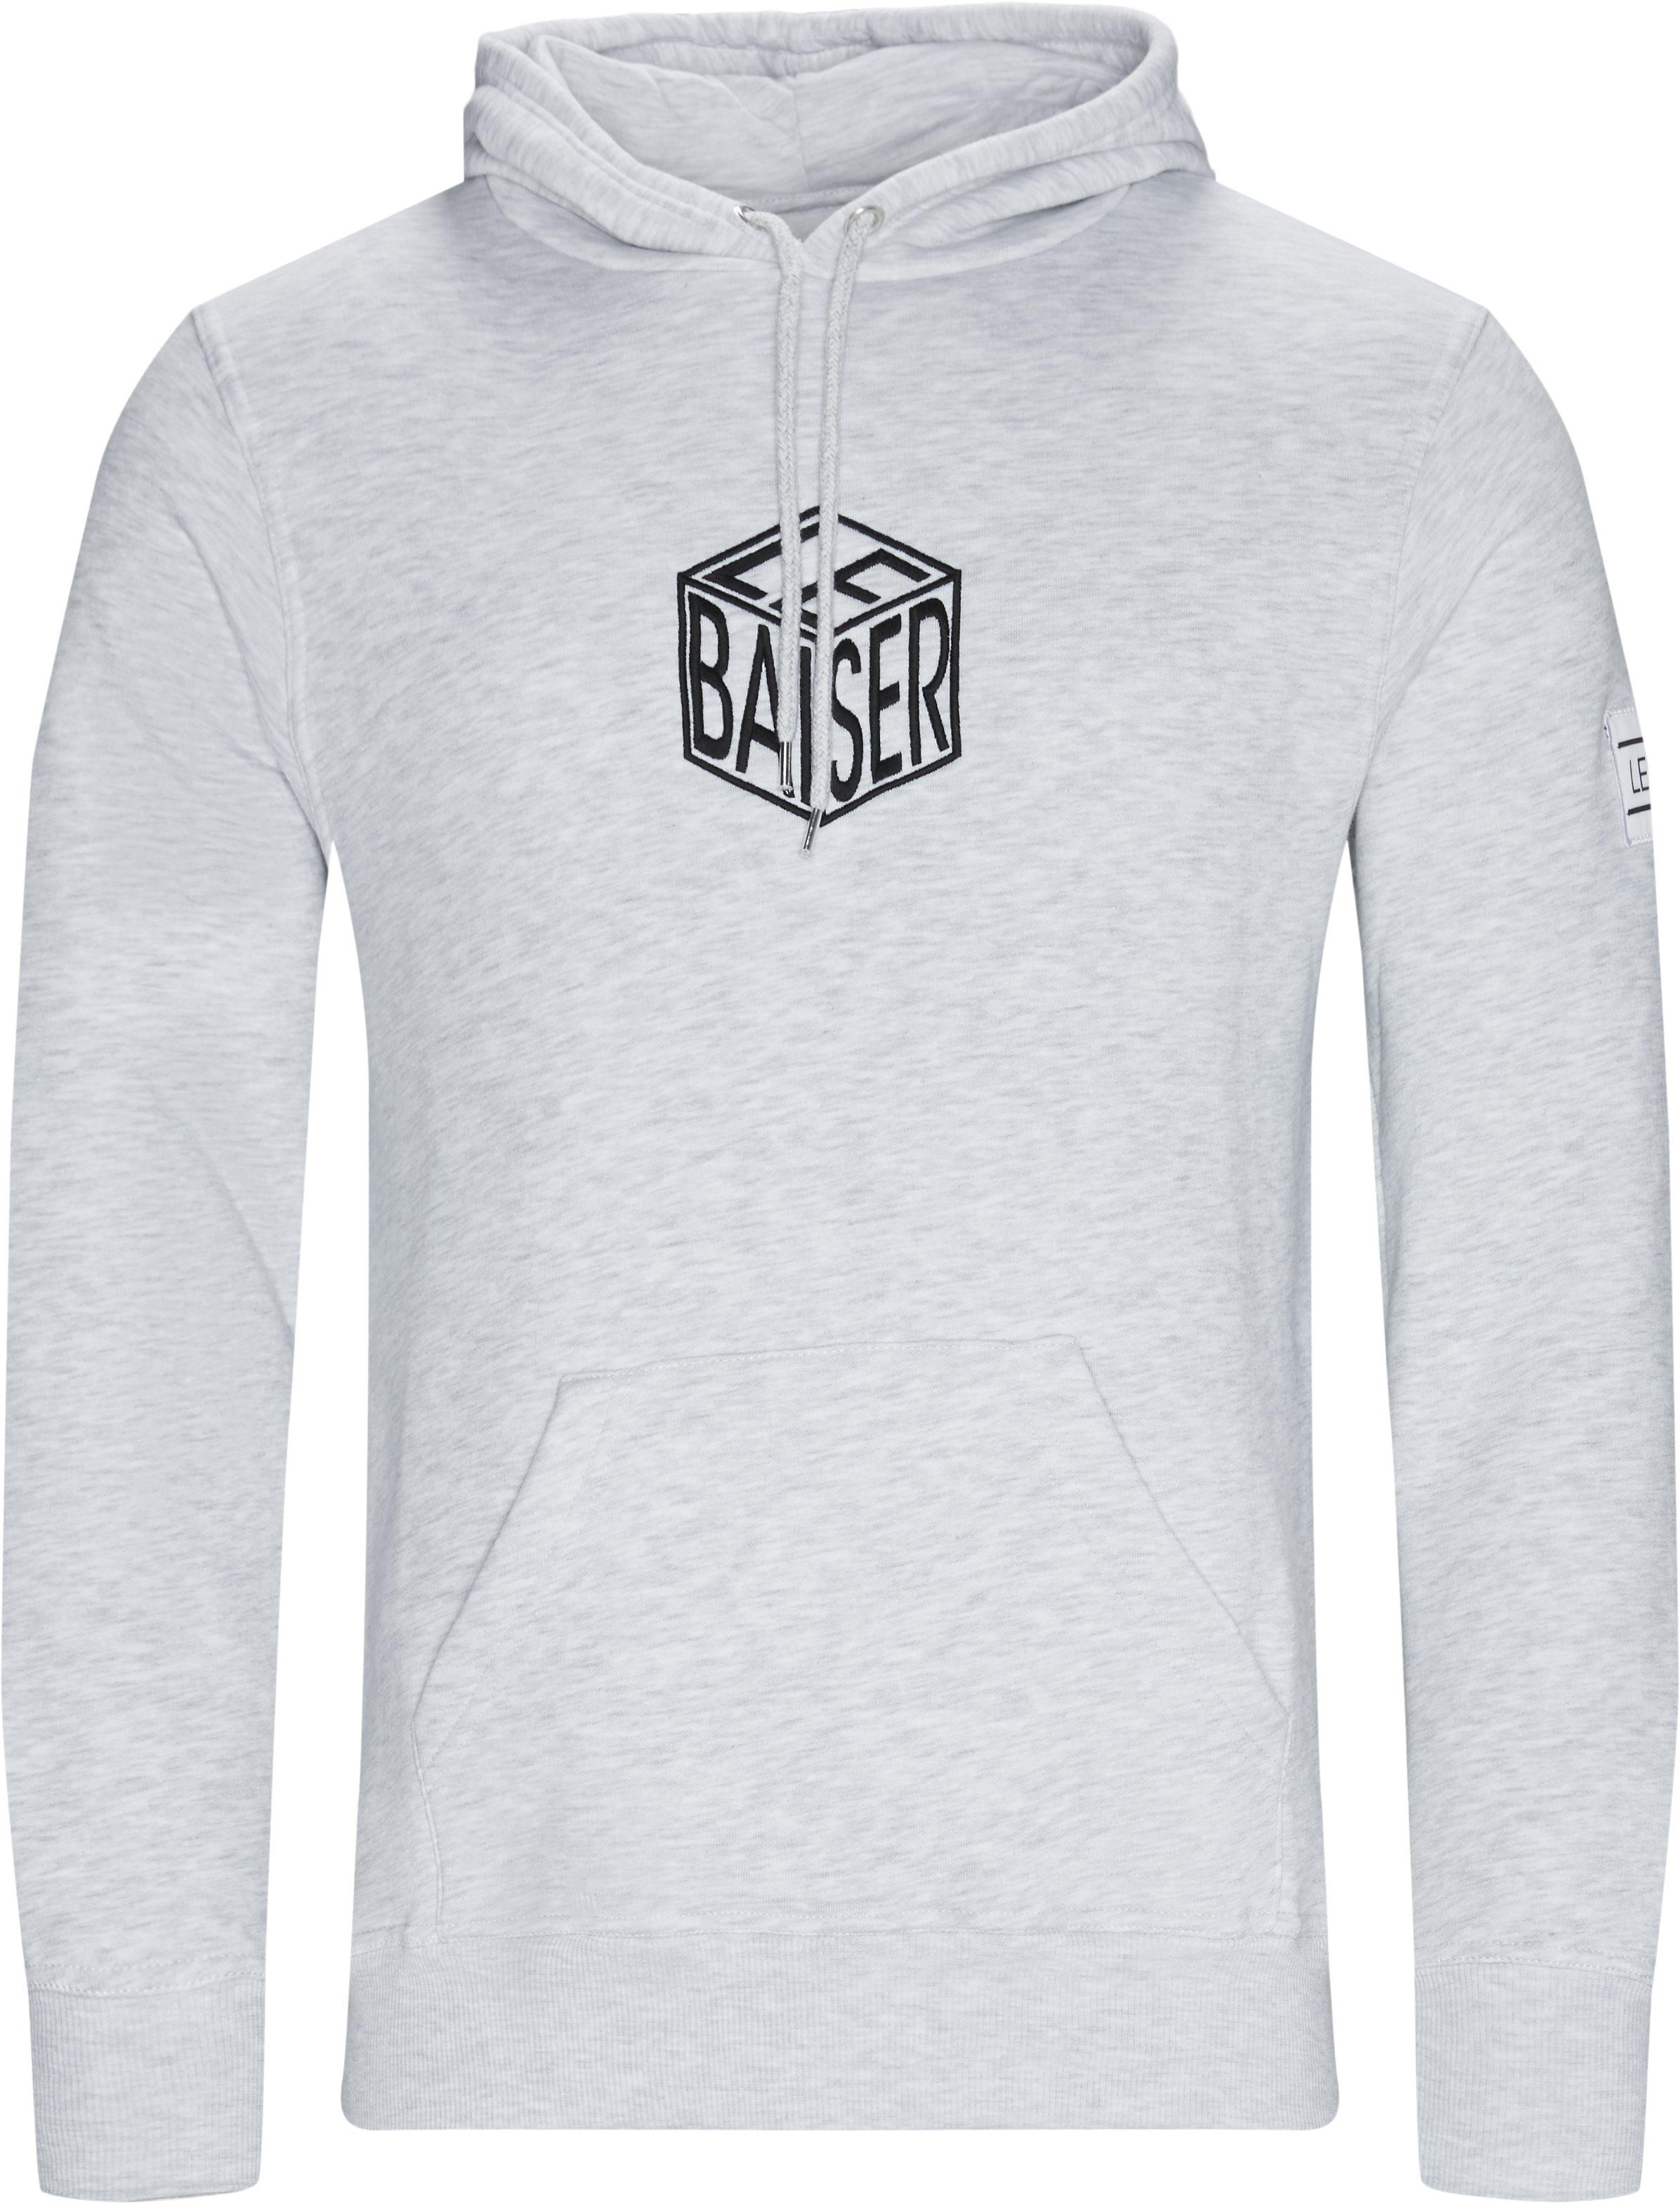 Sweatshirts - Regular - White